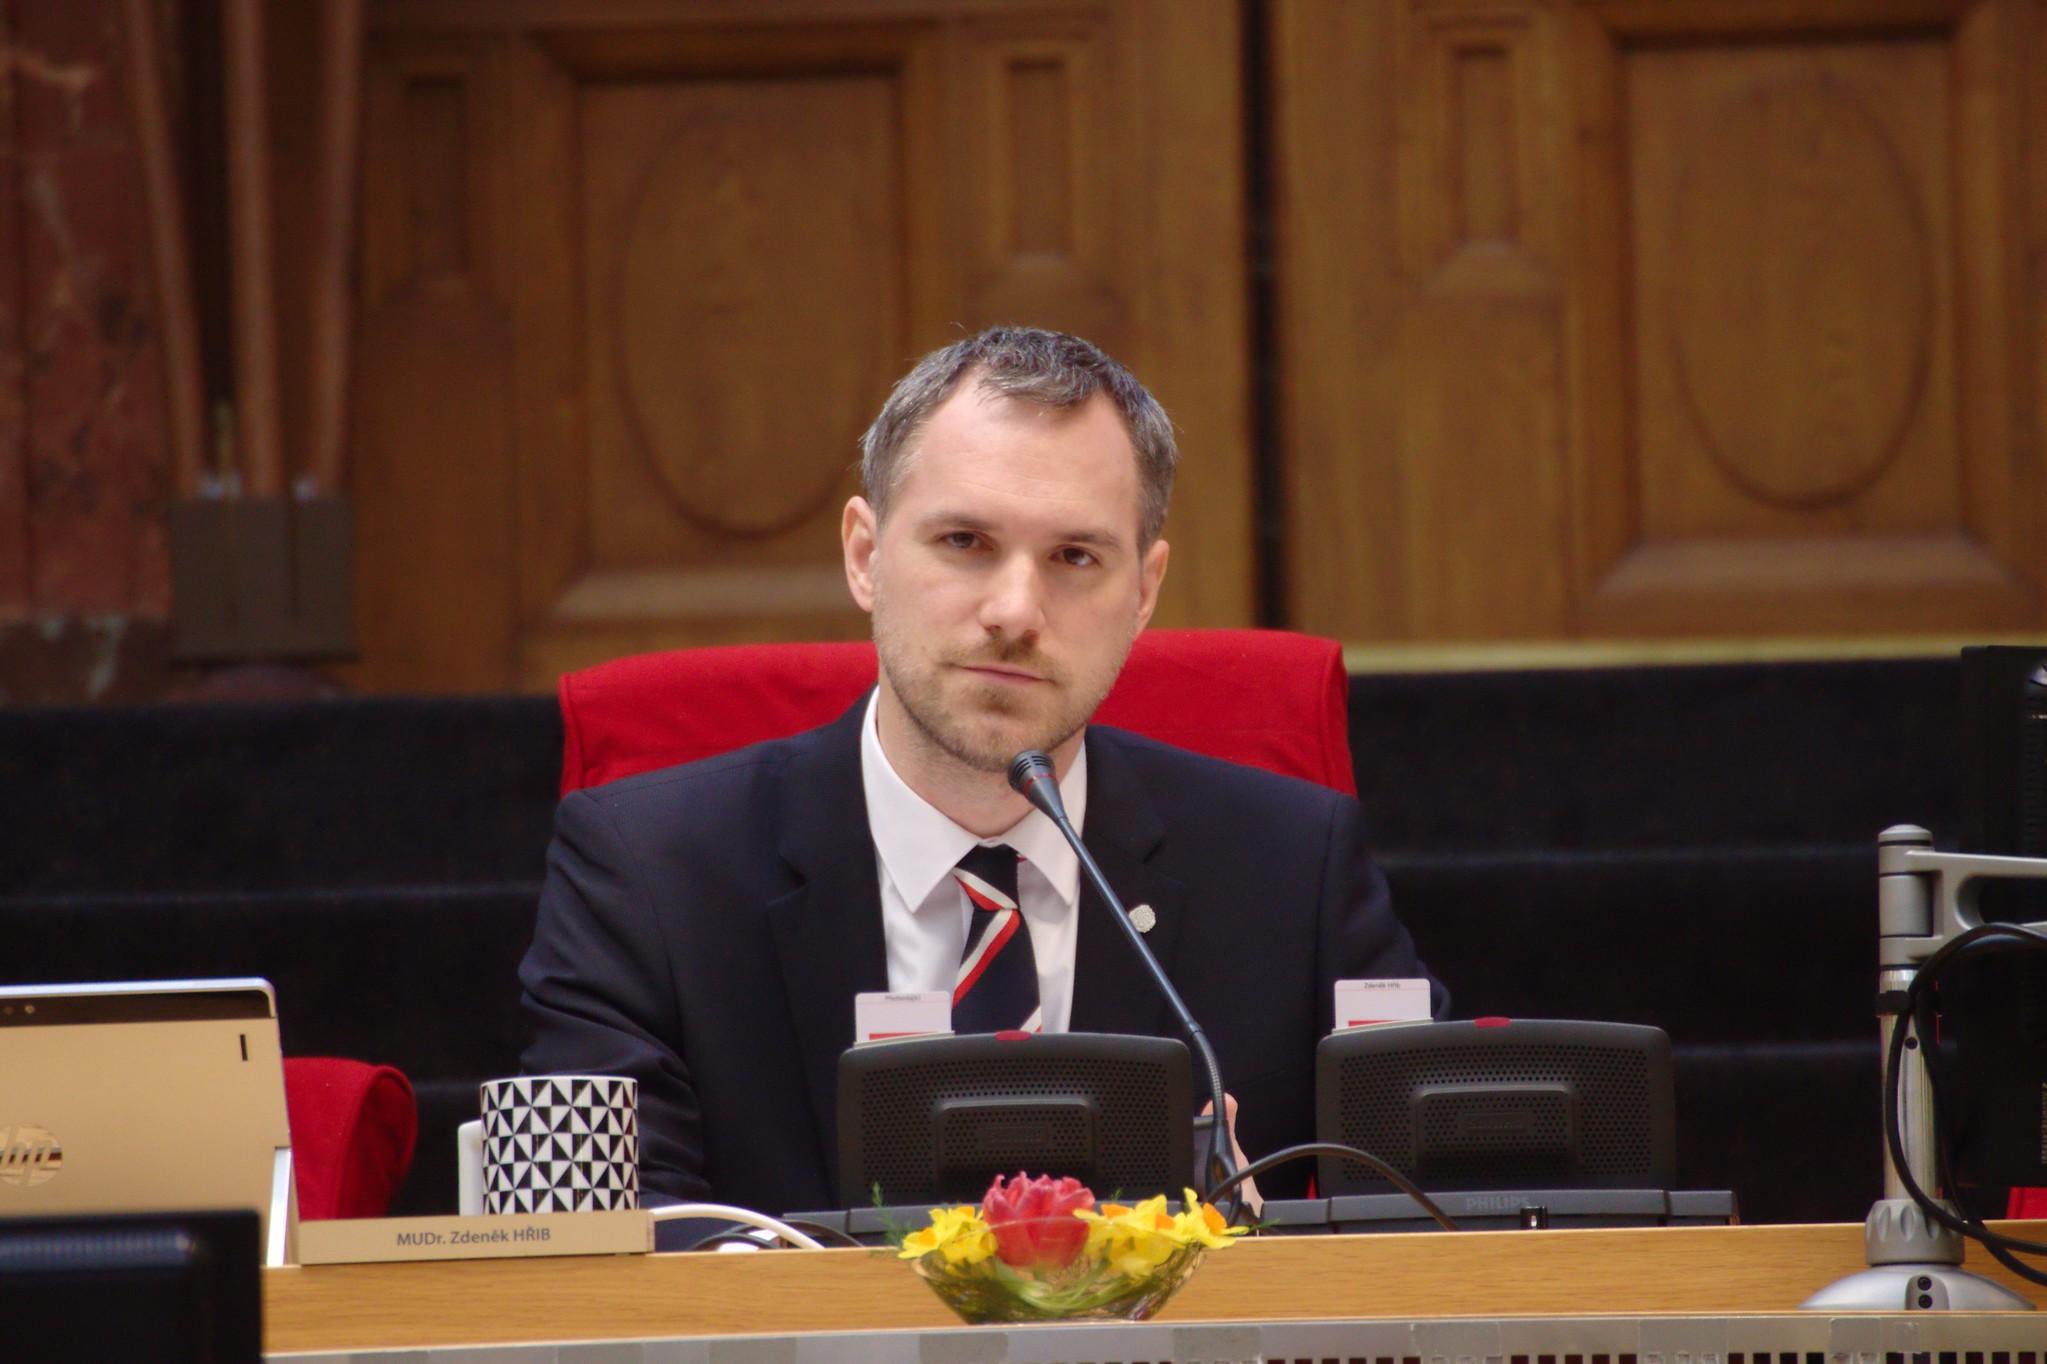 Zdeněk Hřib: Roberta vnímám jako silnou nezávislou osobnost